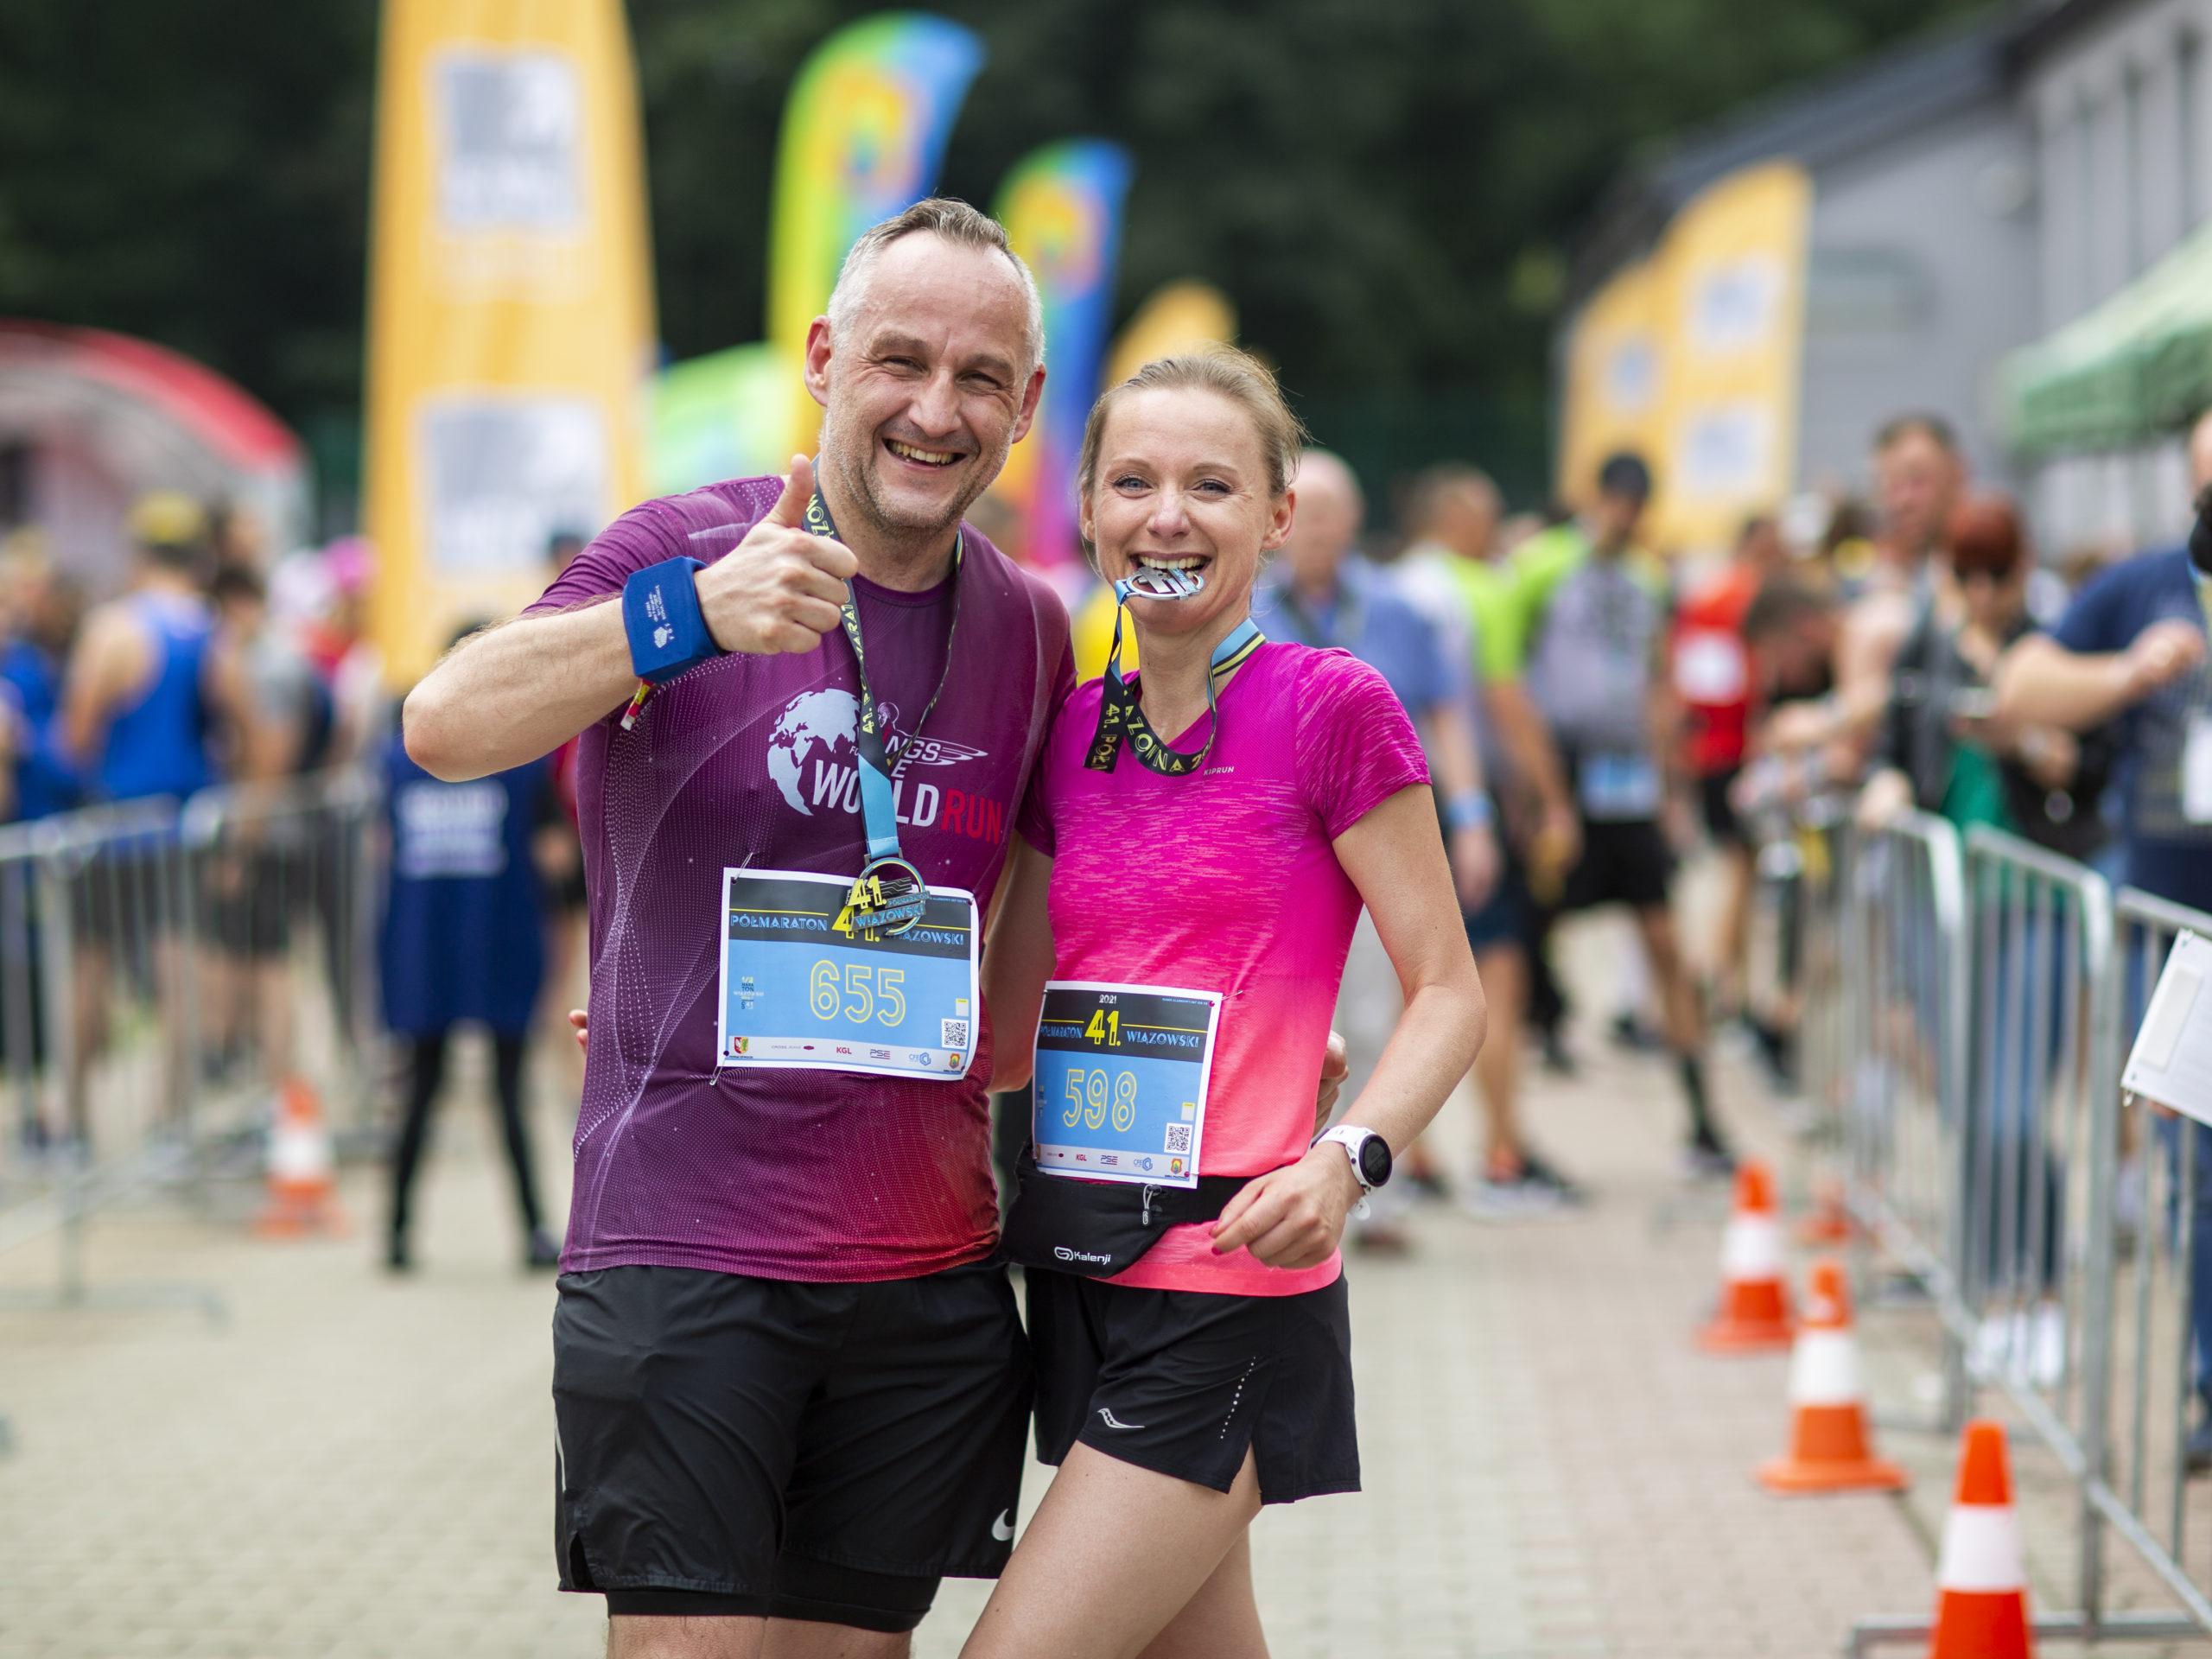 Zadowoleni biegacze